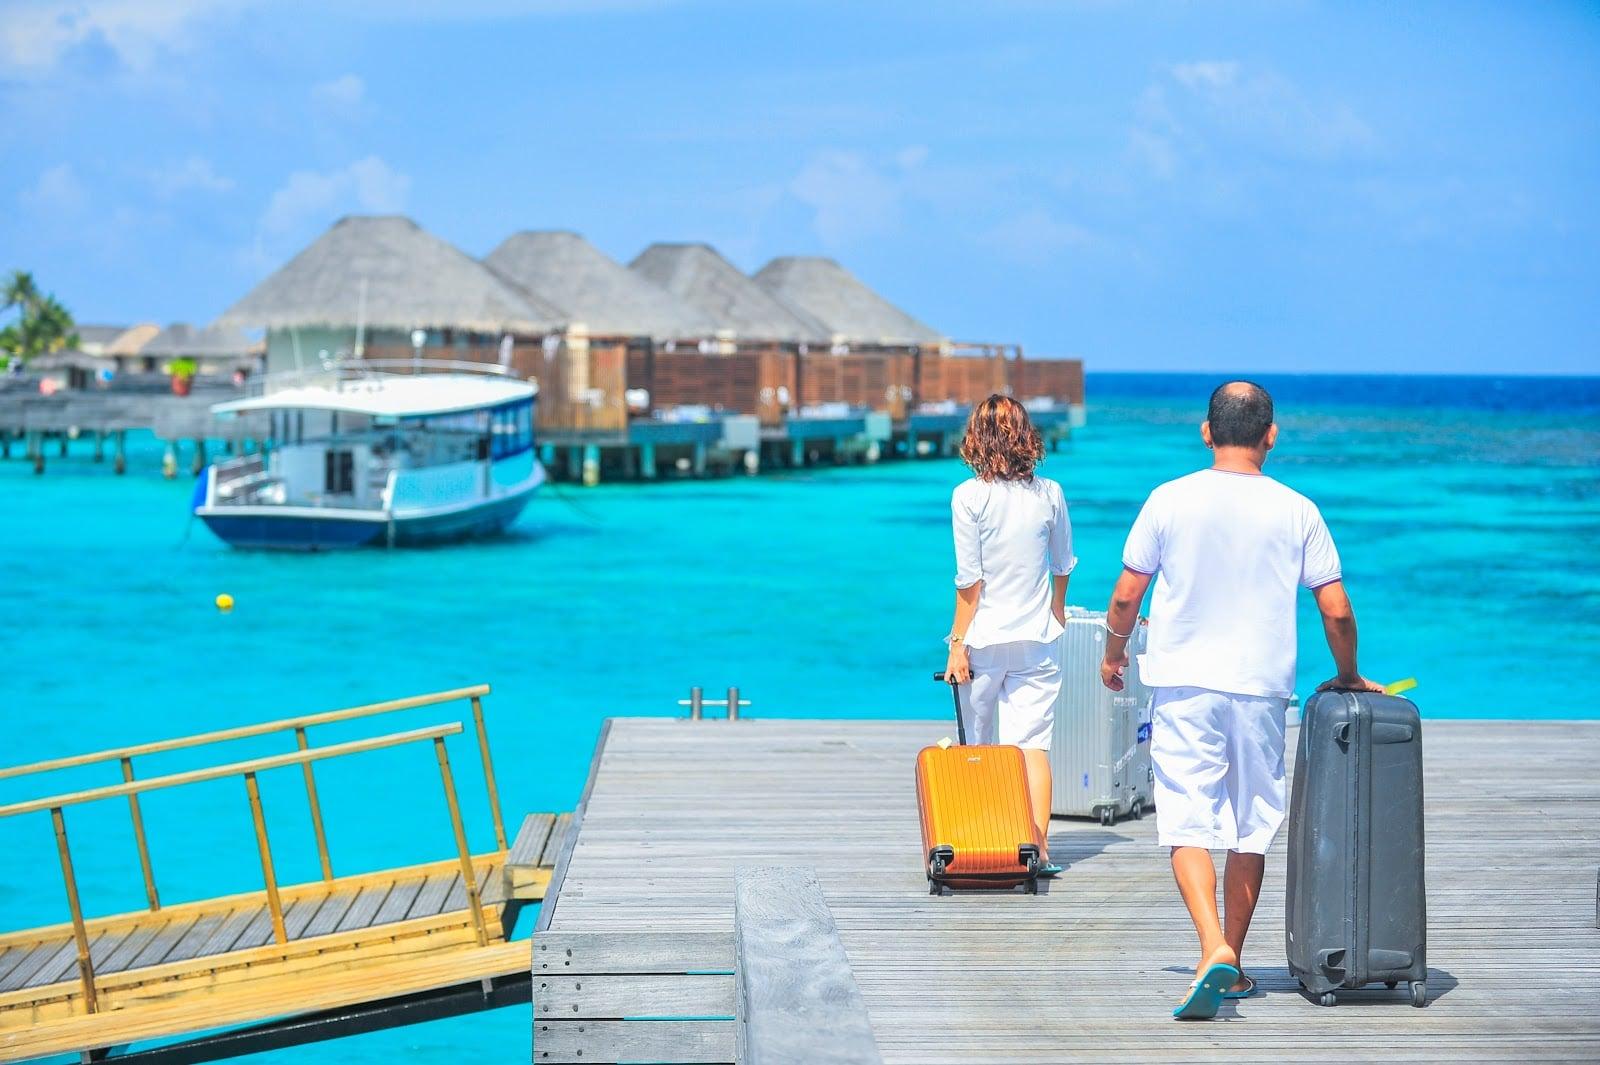 Bolja produktivnost hotelskog osoblja pomaže vam zadržati više ponovljenih gostiju